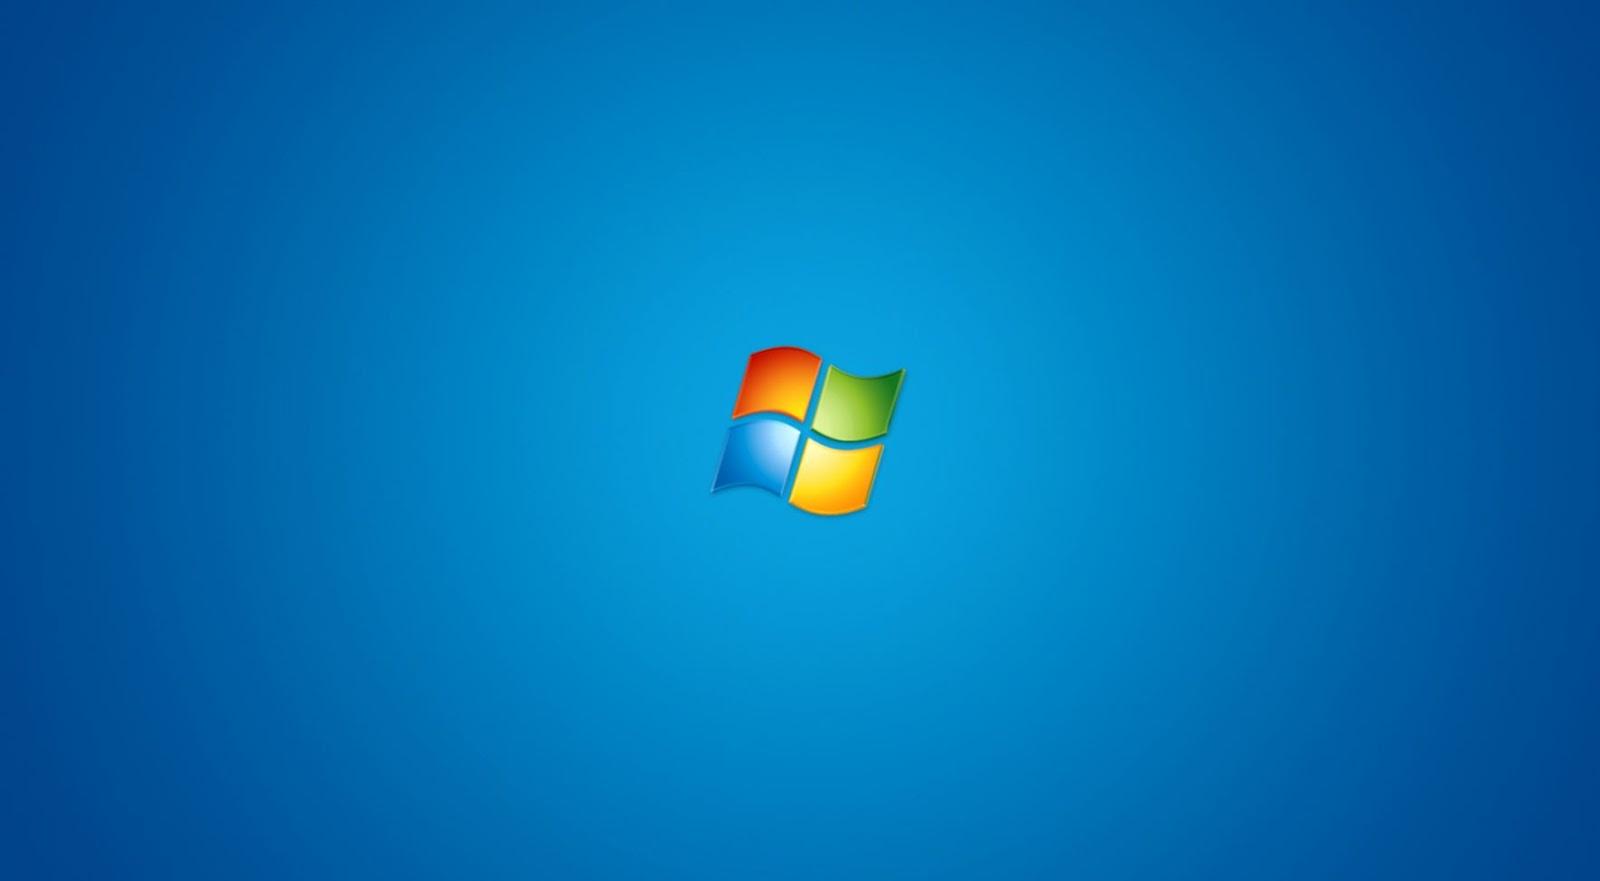 Wallpapers For Desktop Windows